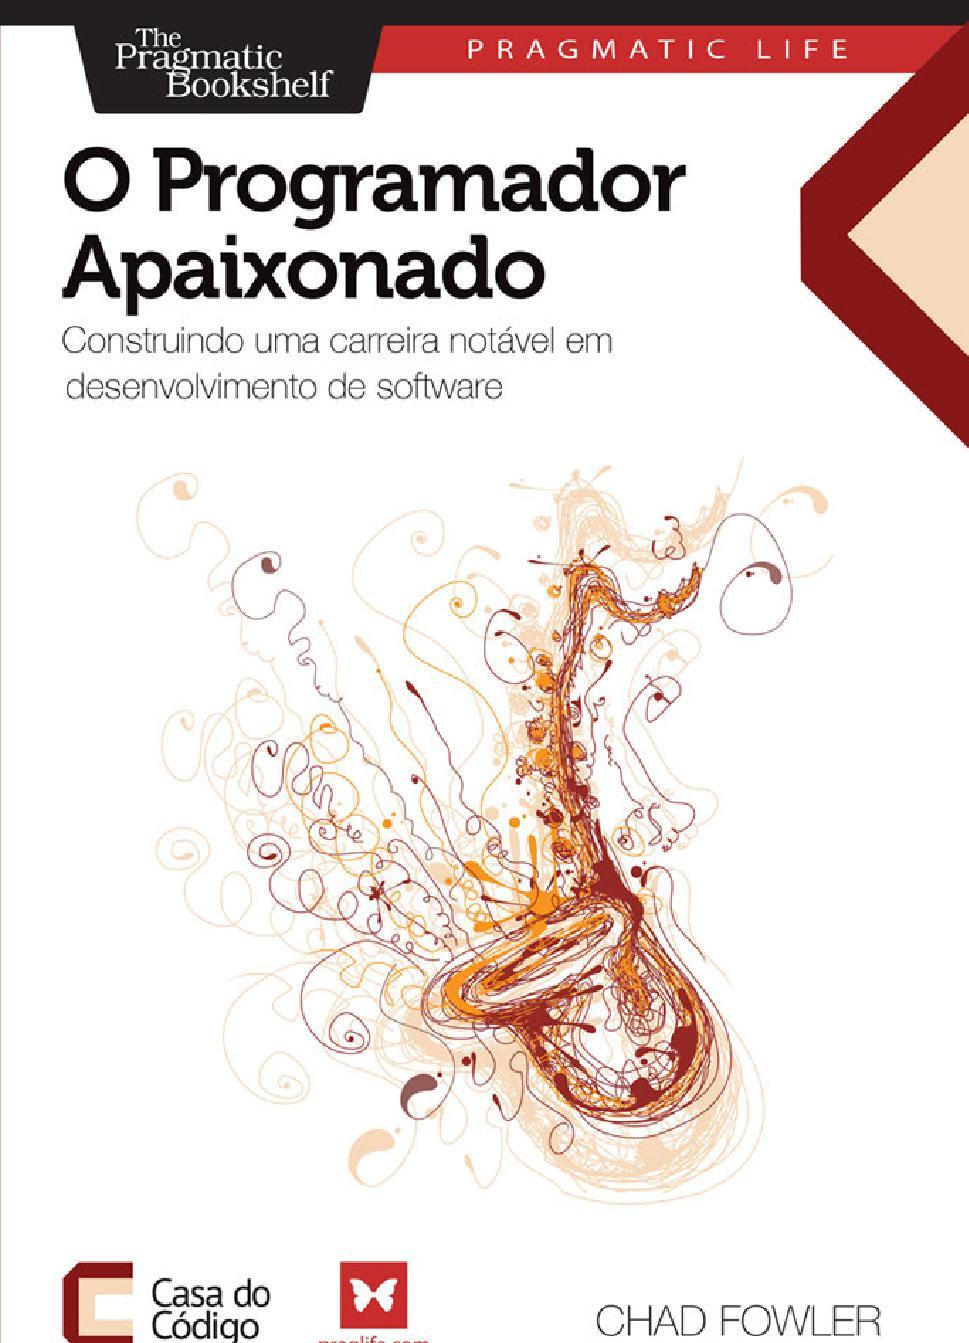 Книга  O Programador Apaixonado  Construindo uma carreira notável em  desenvolvimento de software b534adf46f